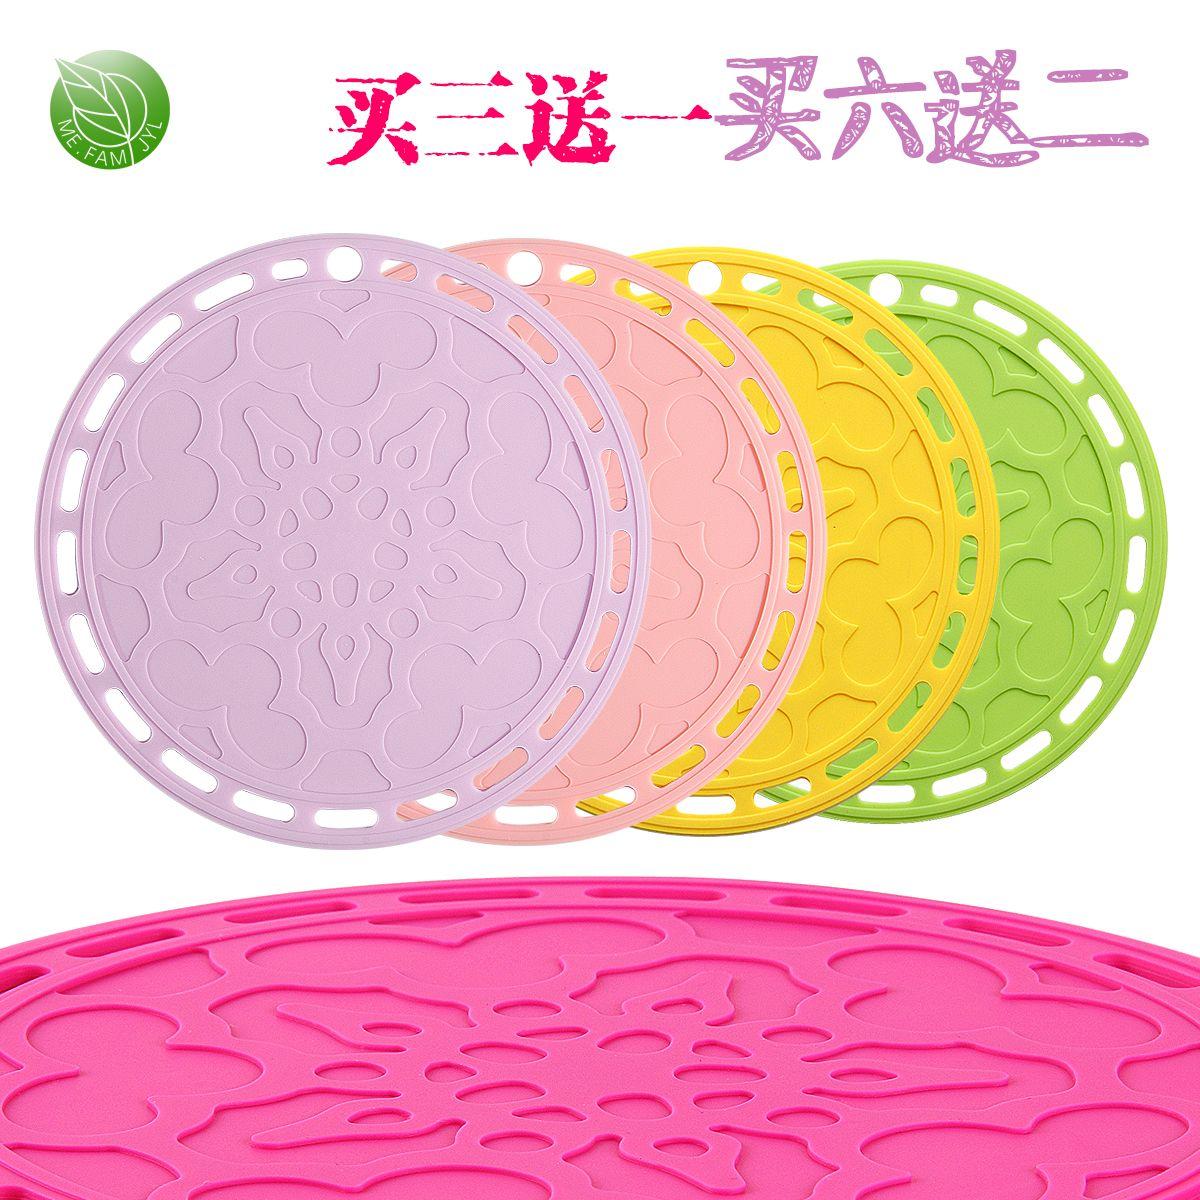 创意铂金硅胶桃花朵隔热垫 盘垫碗垫杯垫花盆垫西餐垫锅垫餐桌垫